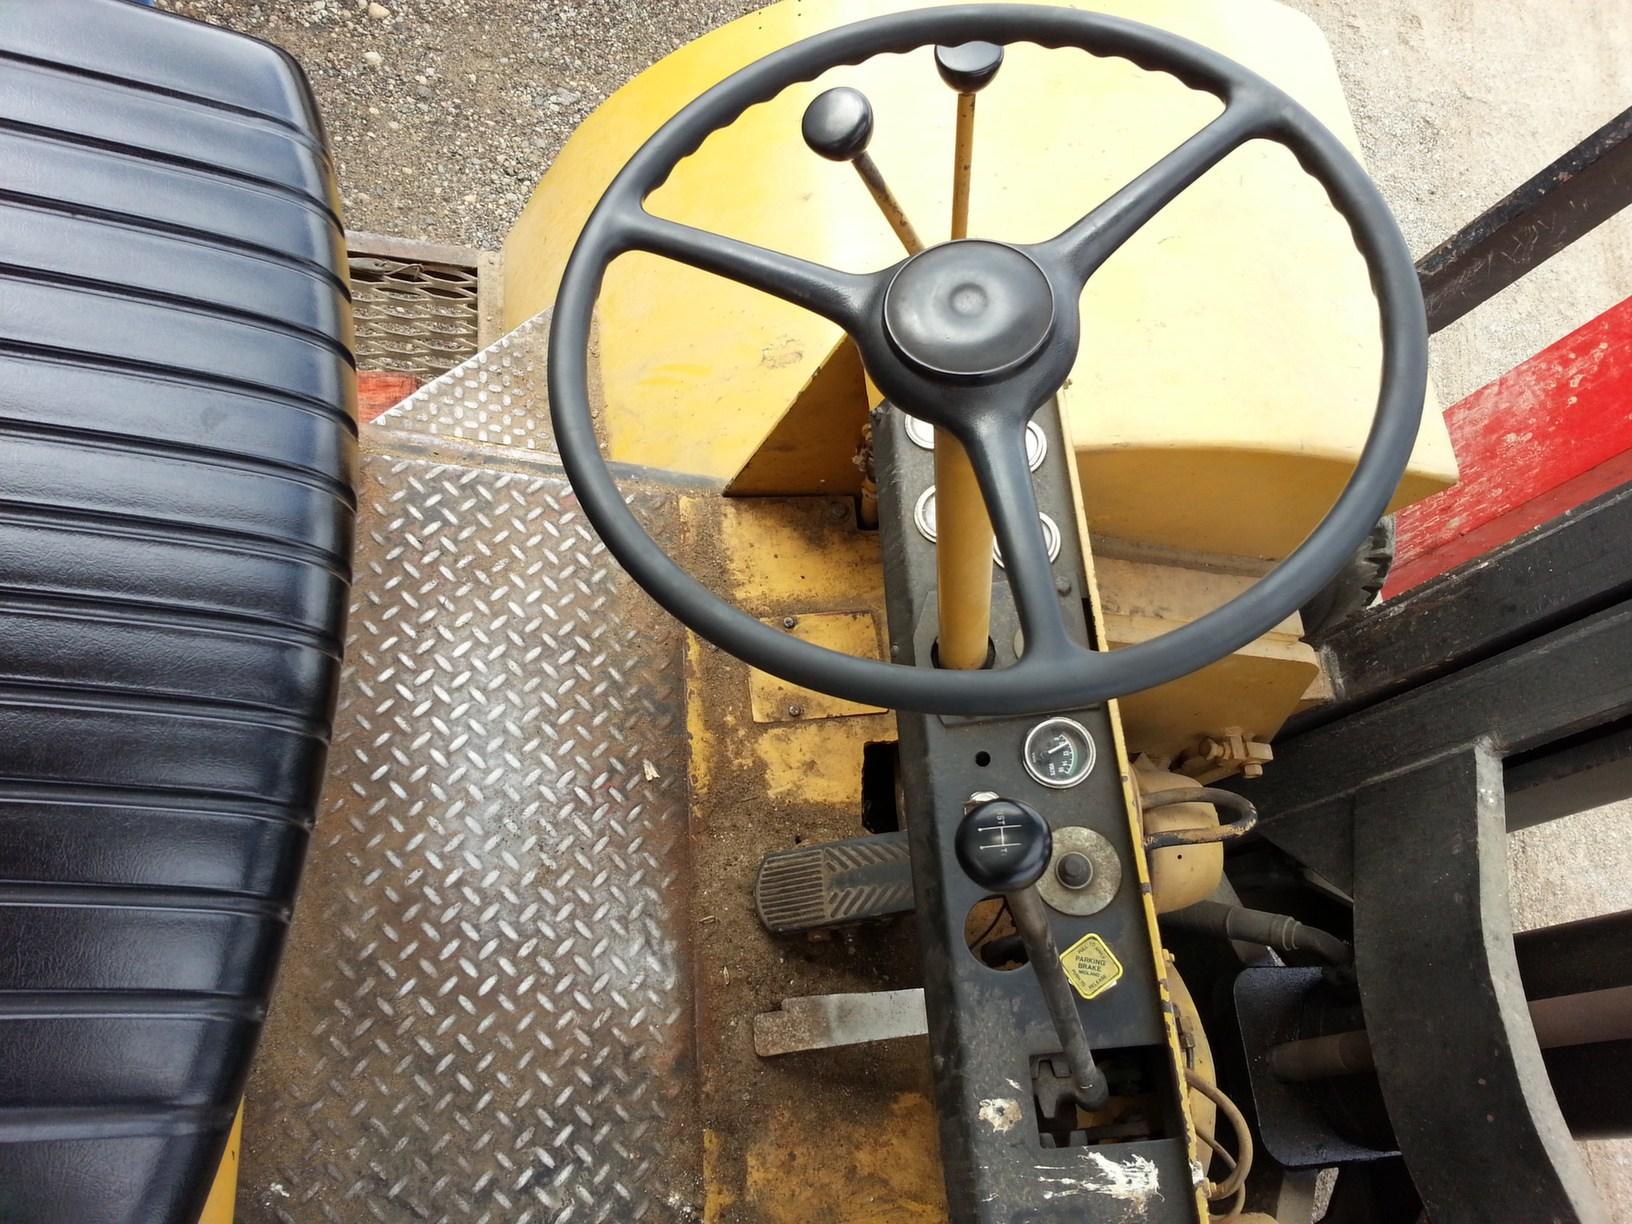 Hyster H460B Forklift - 46,000lb @ 48